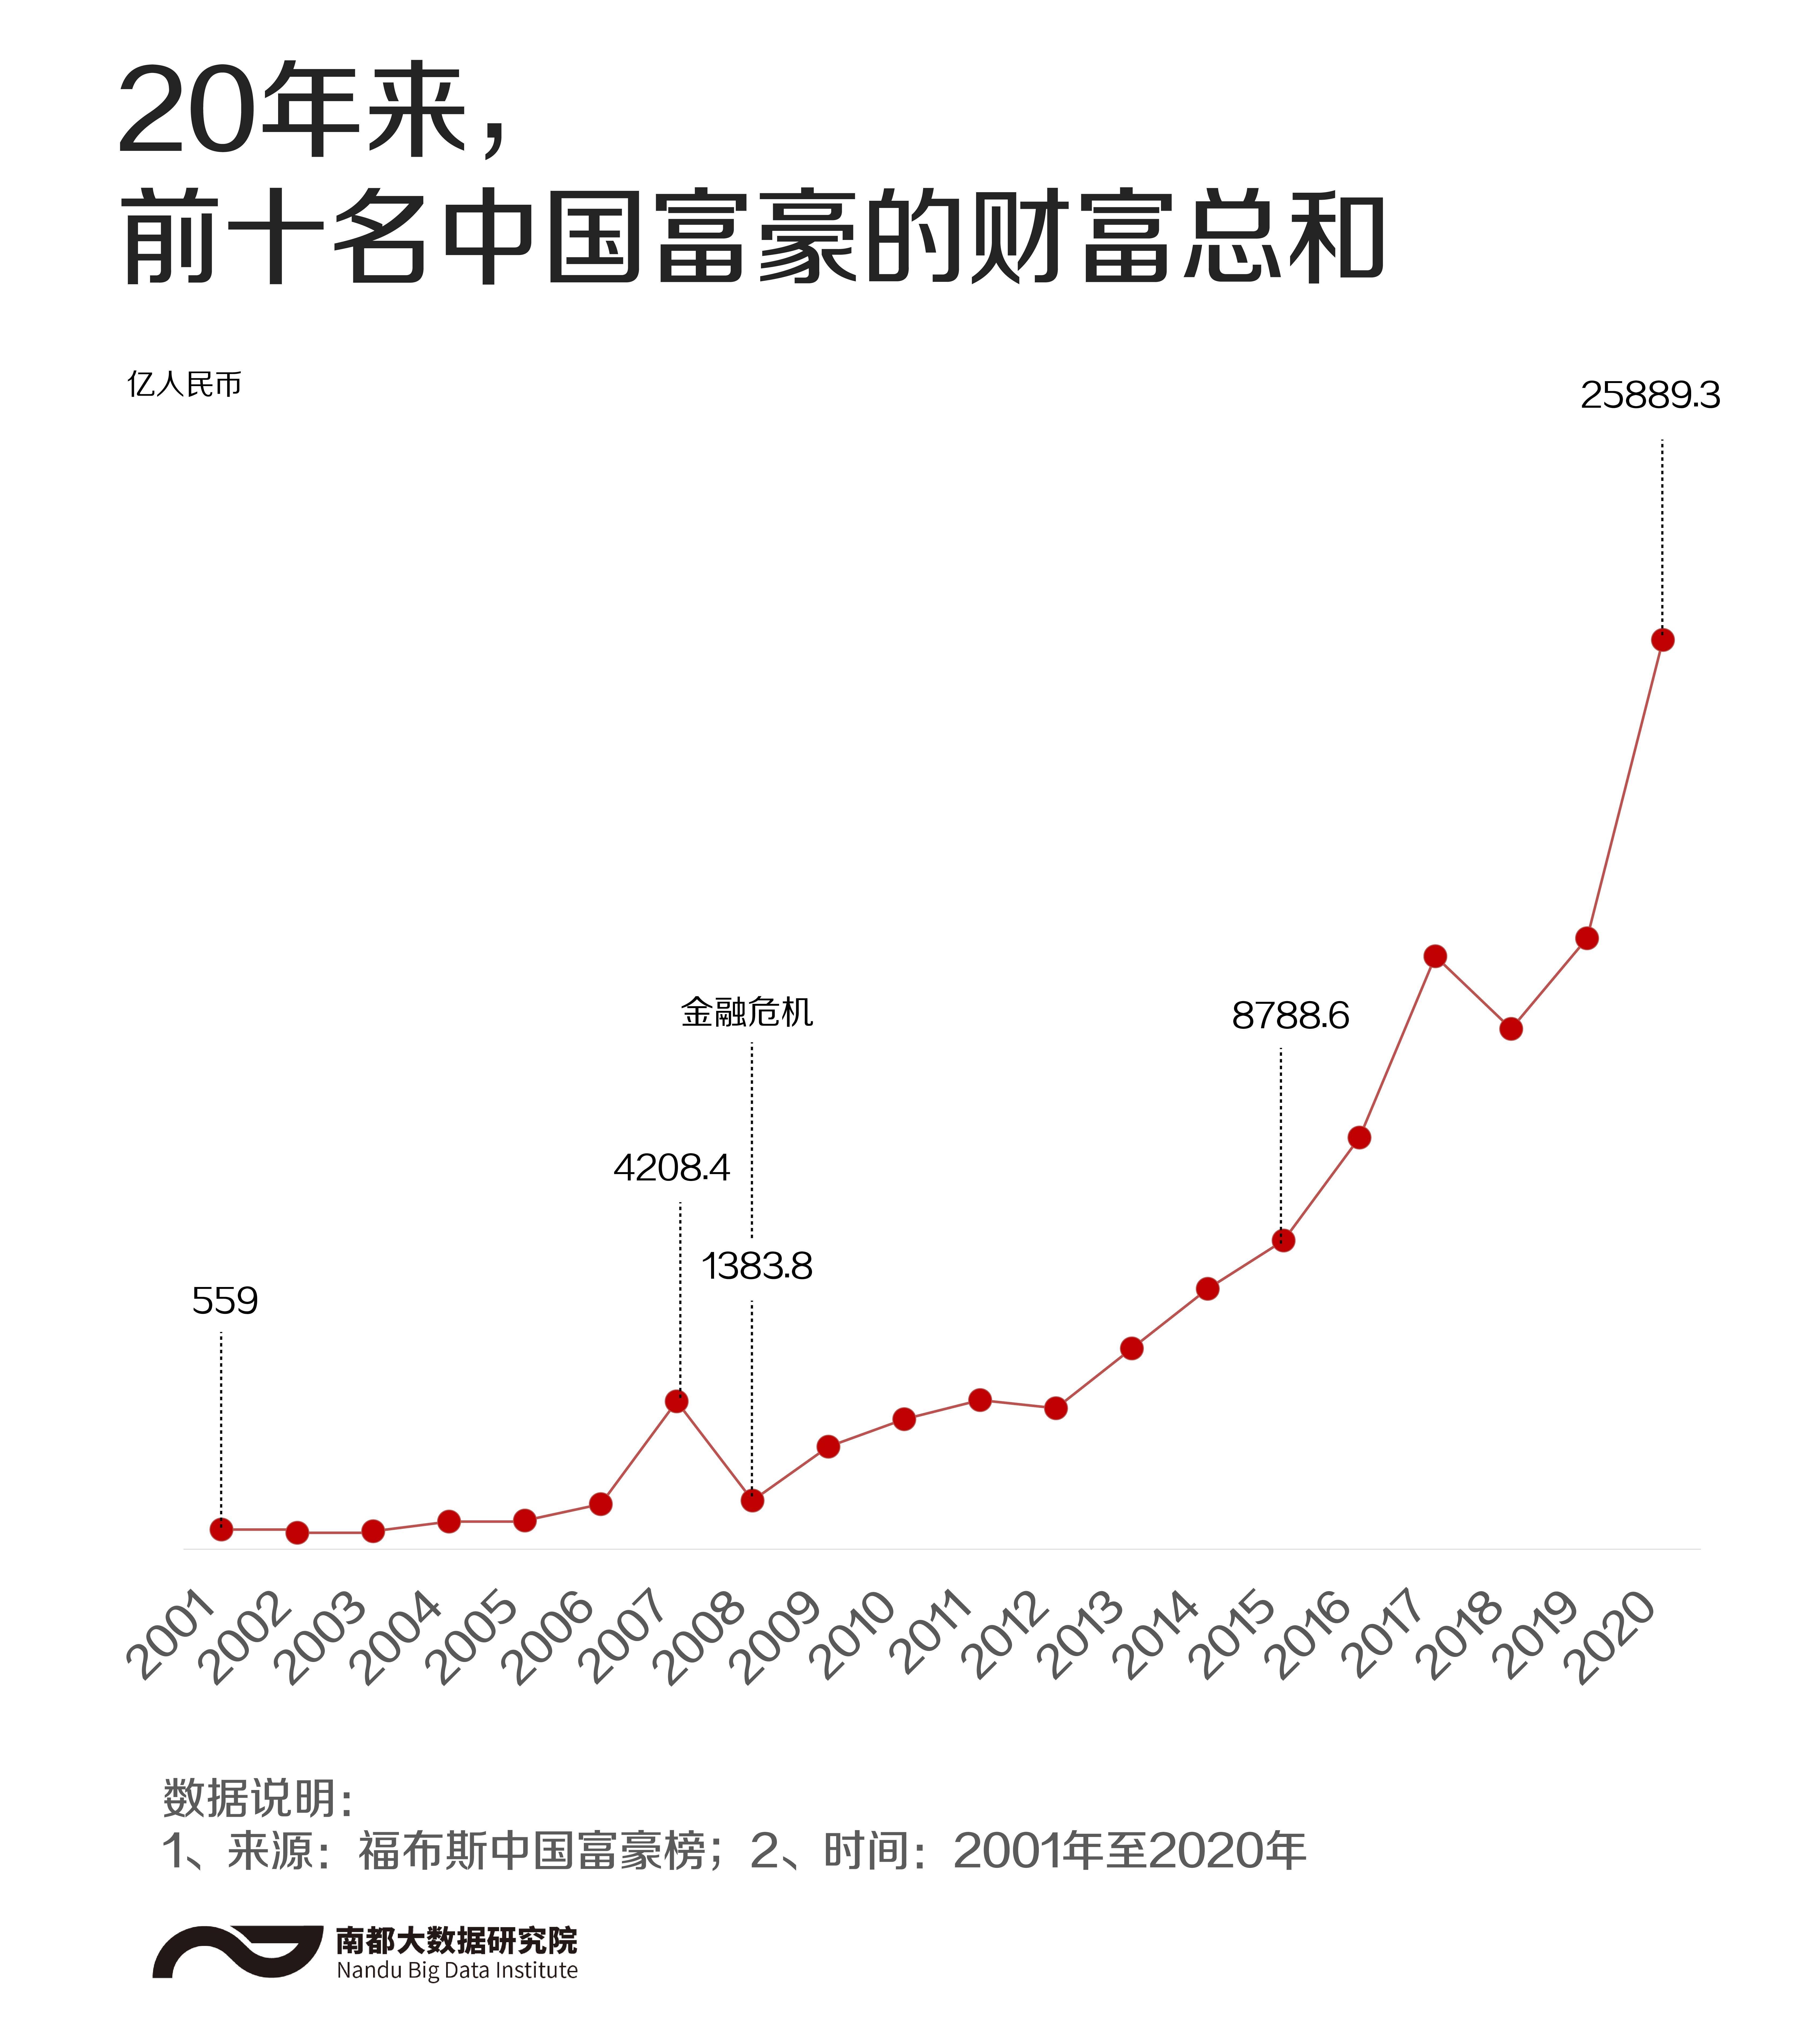 中国富豪20年:前十名财富涨46倍,卖水养猪致富不是梦